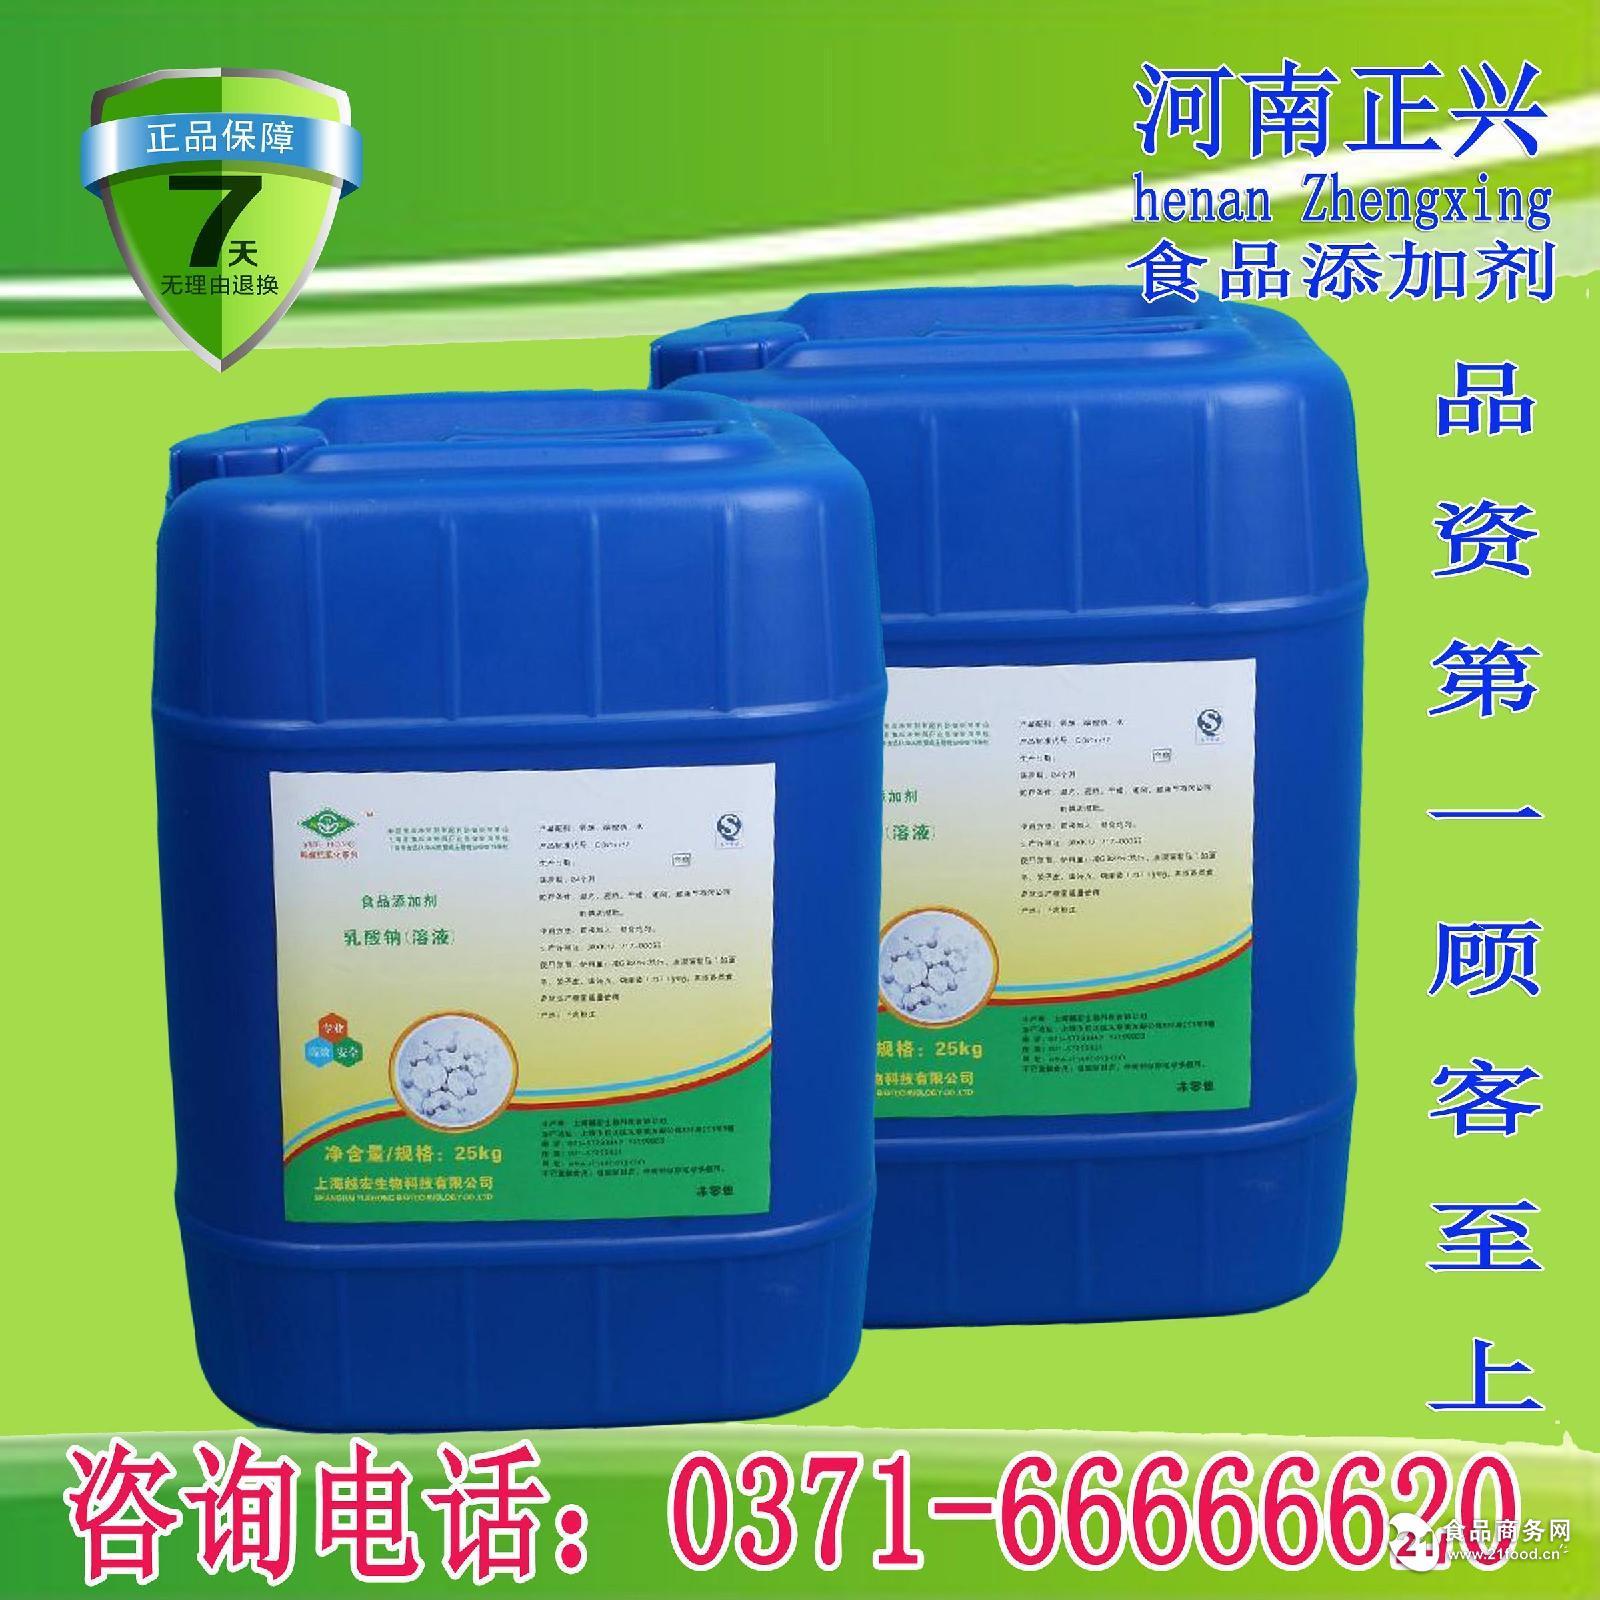 乳酸钠 溶液 99% 质量保证